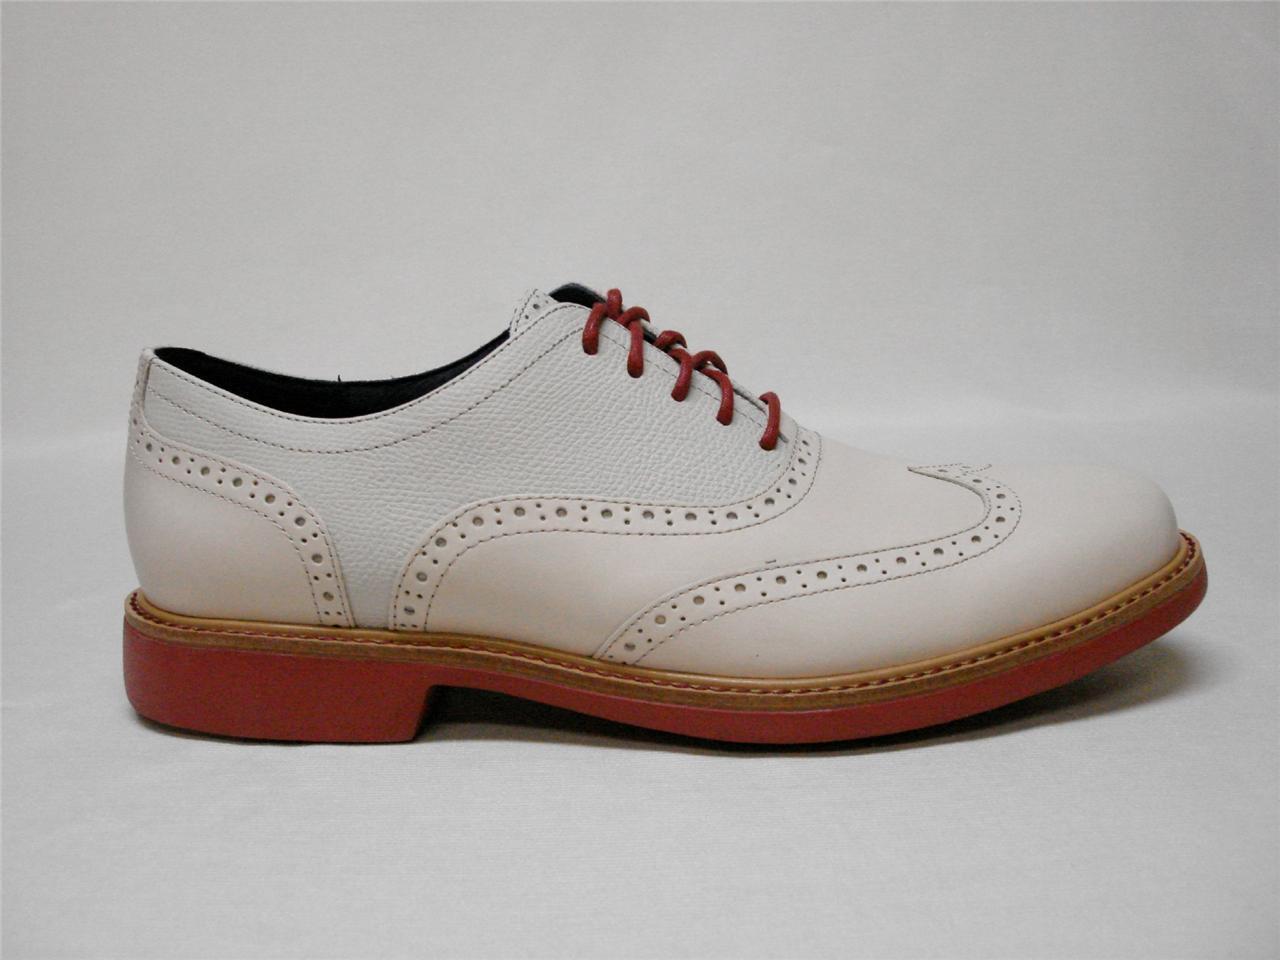 Nuevo en Caja  Cole Haan Genial Jones Detalle los Bordes  HOMBRE Zapato